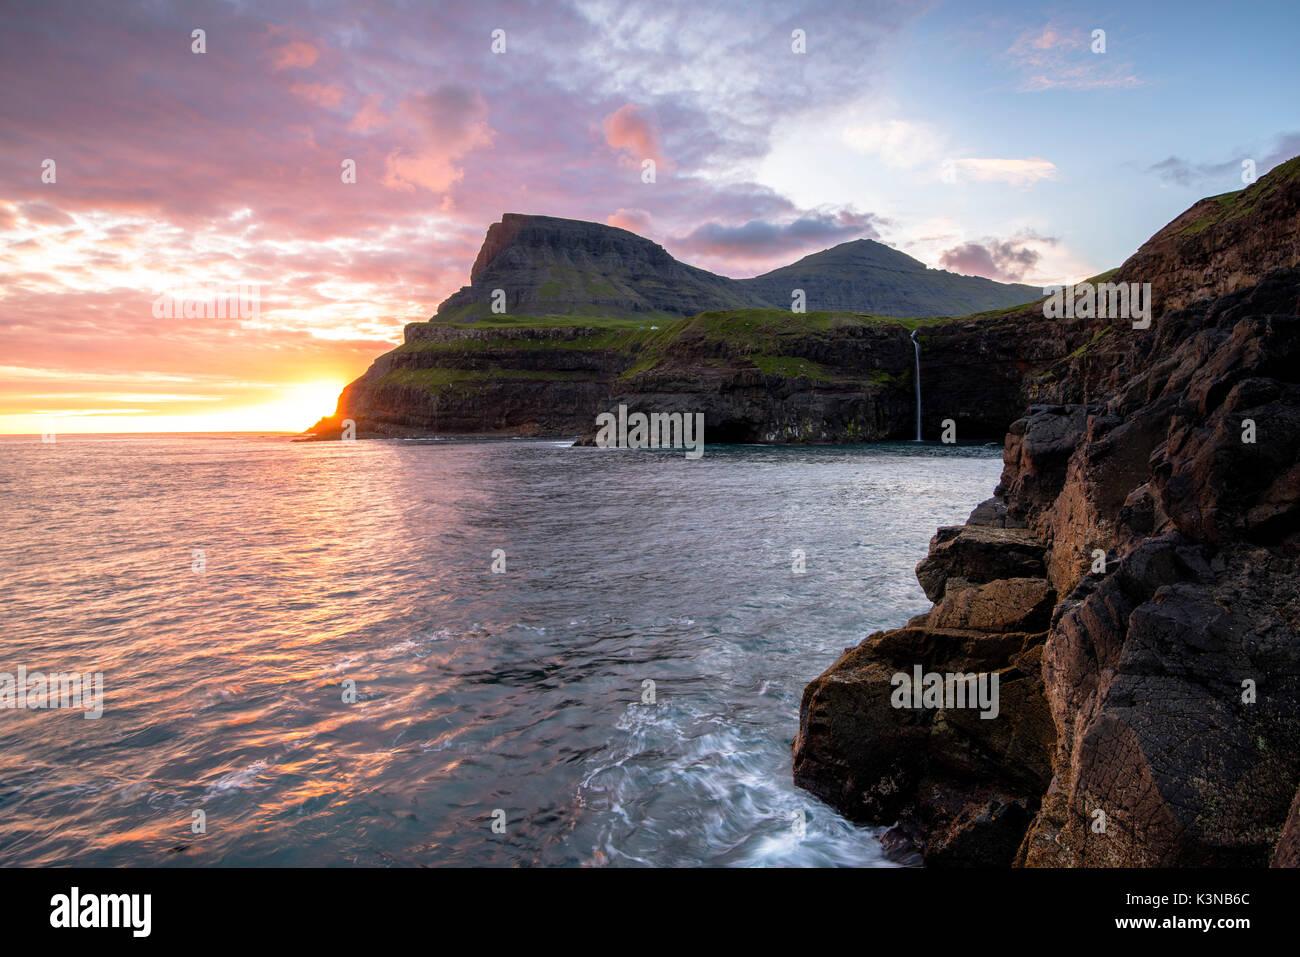 Gasadalur, Vagar et Île, Îles Féroé, Danemark. La célèbre cascade d'un saut d'la falaise dans l'océan au coucher du soleil. Photo Stock